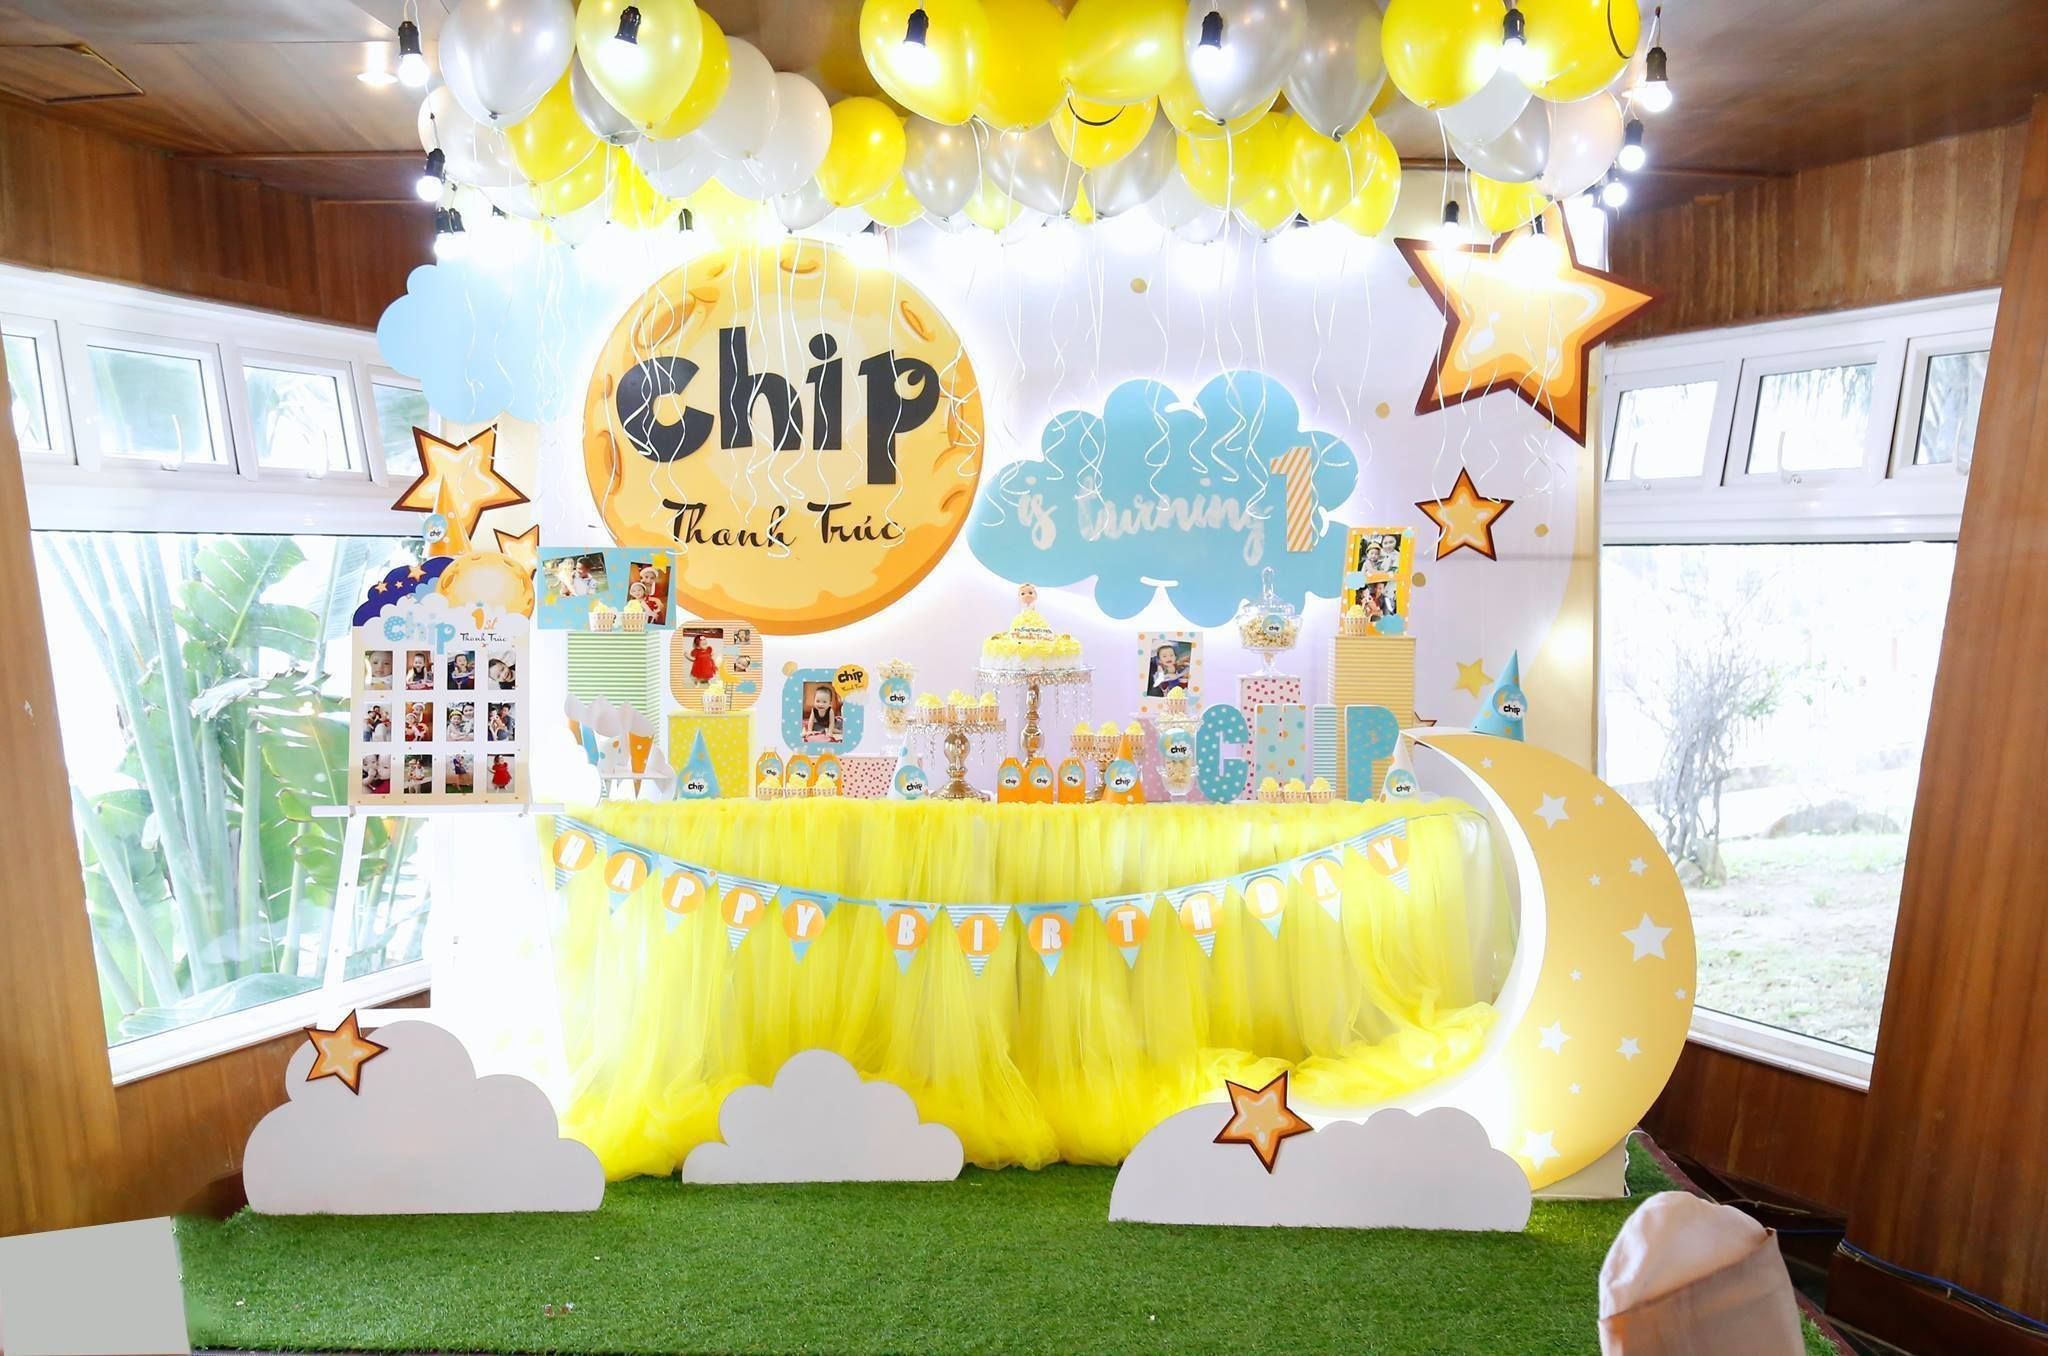 trang trí tiệc sinh nhật cho bé